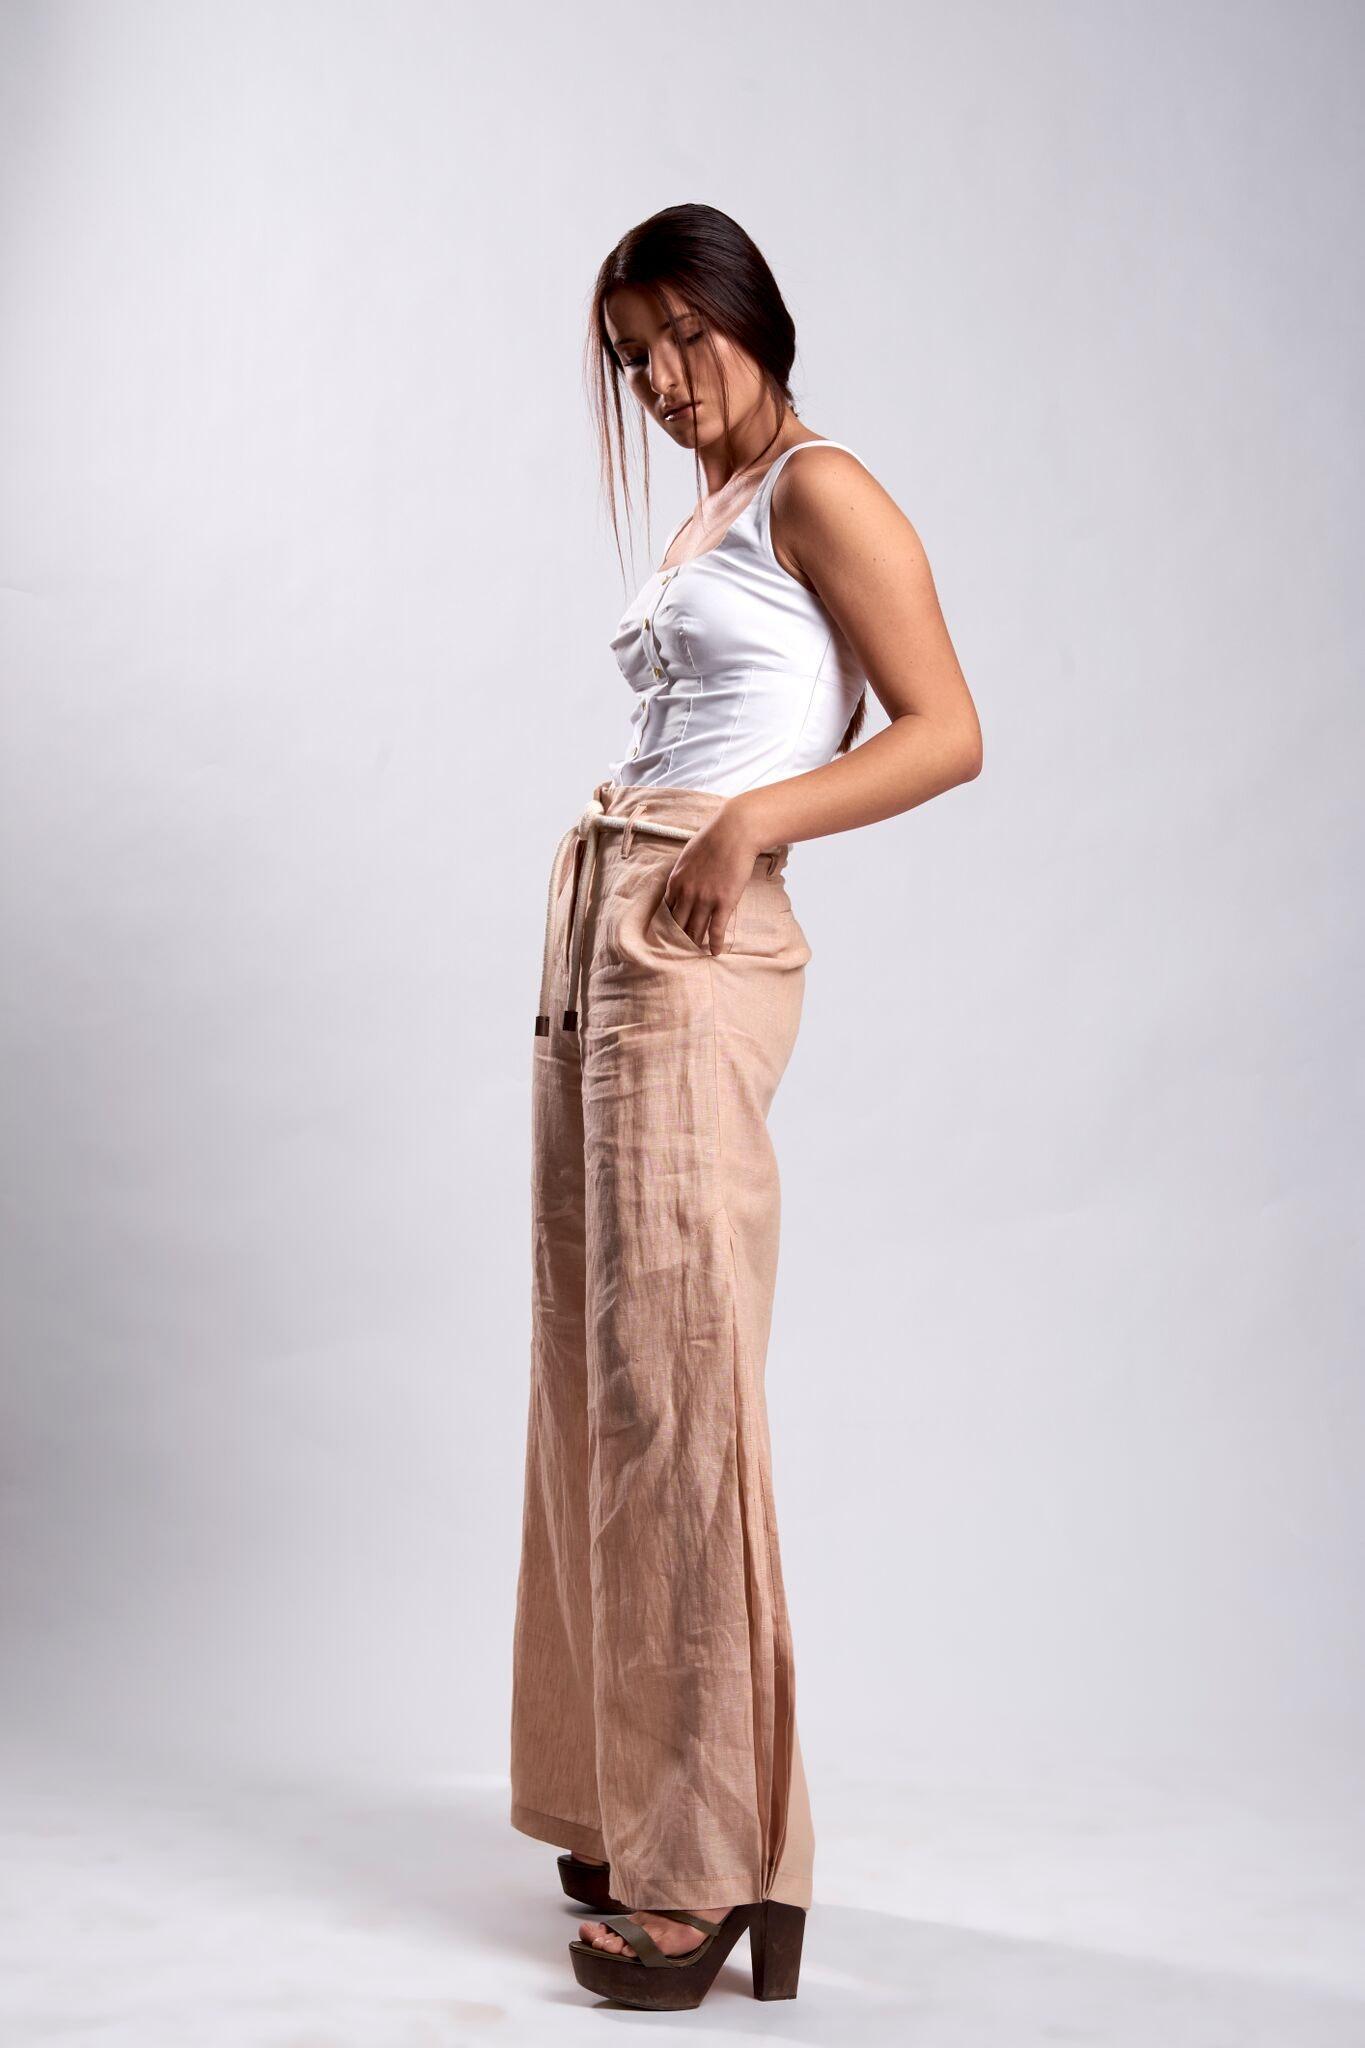 Kenya greenburg's Model portfolio